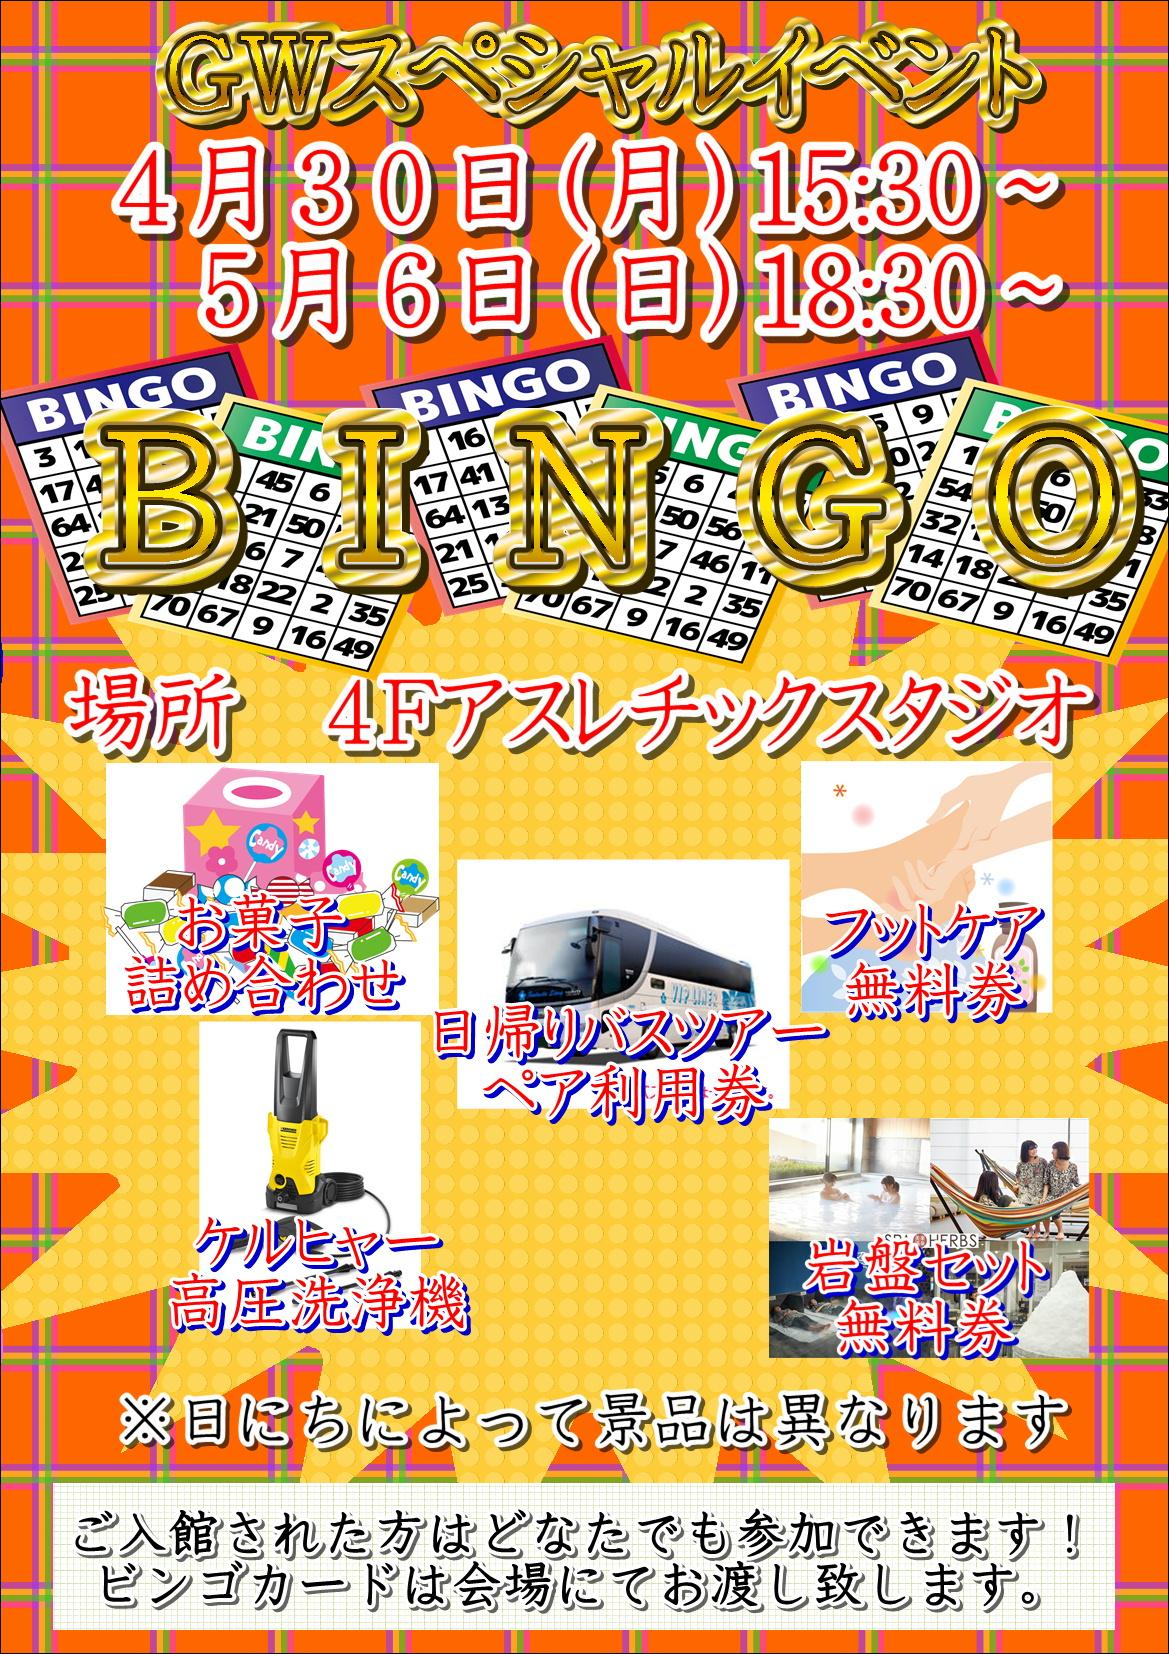 ビンゴ大会開催!!